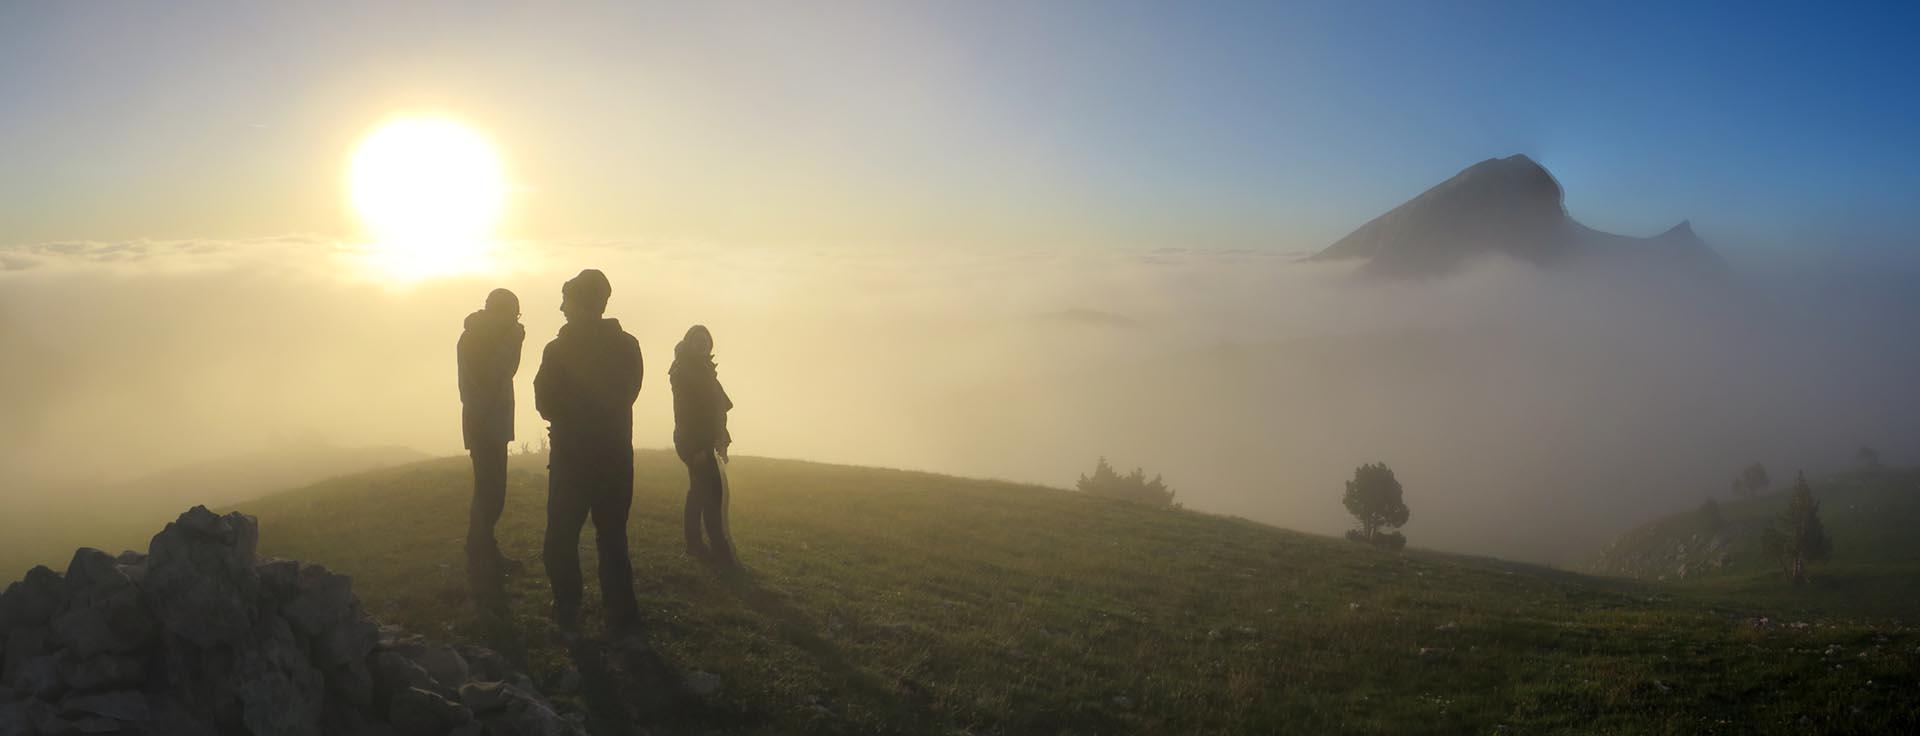 Ambiance Brouillard Bivouac Grand Veymont Hauts Plateaux Vercors Itinerance Sejour Trek Tente Slow Rando